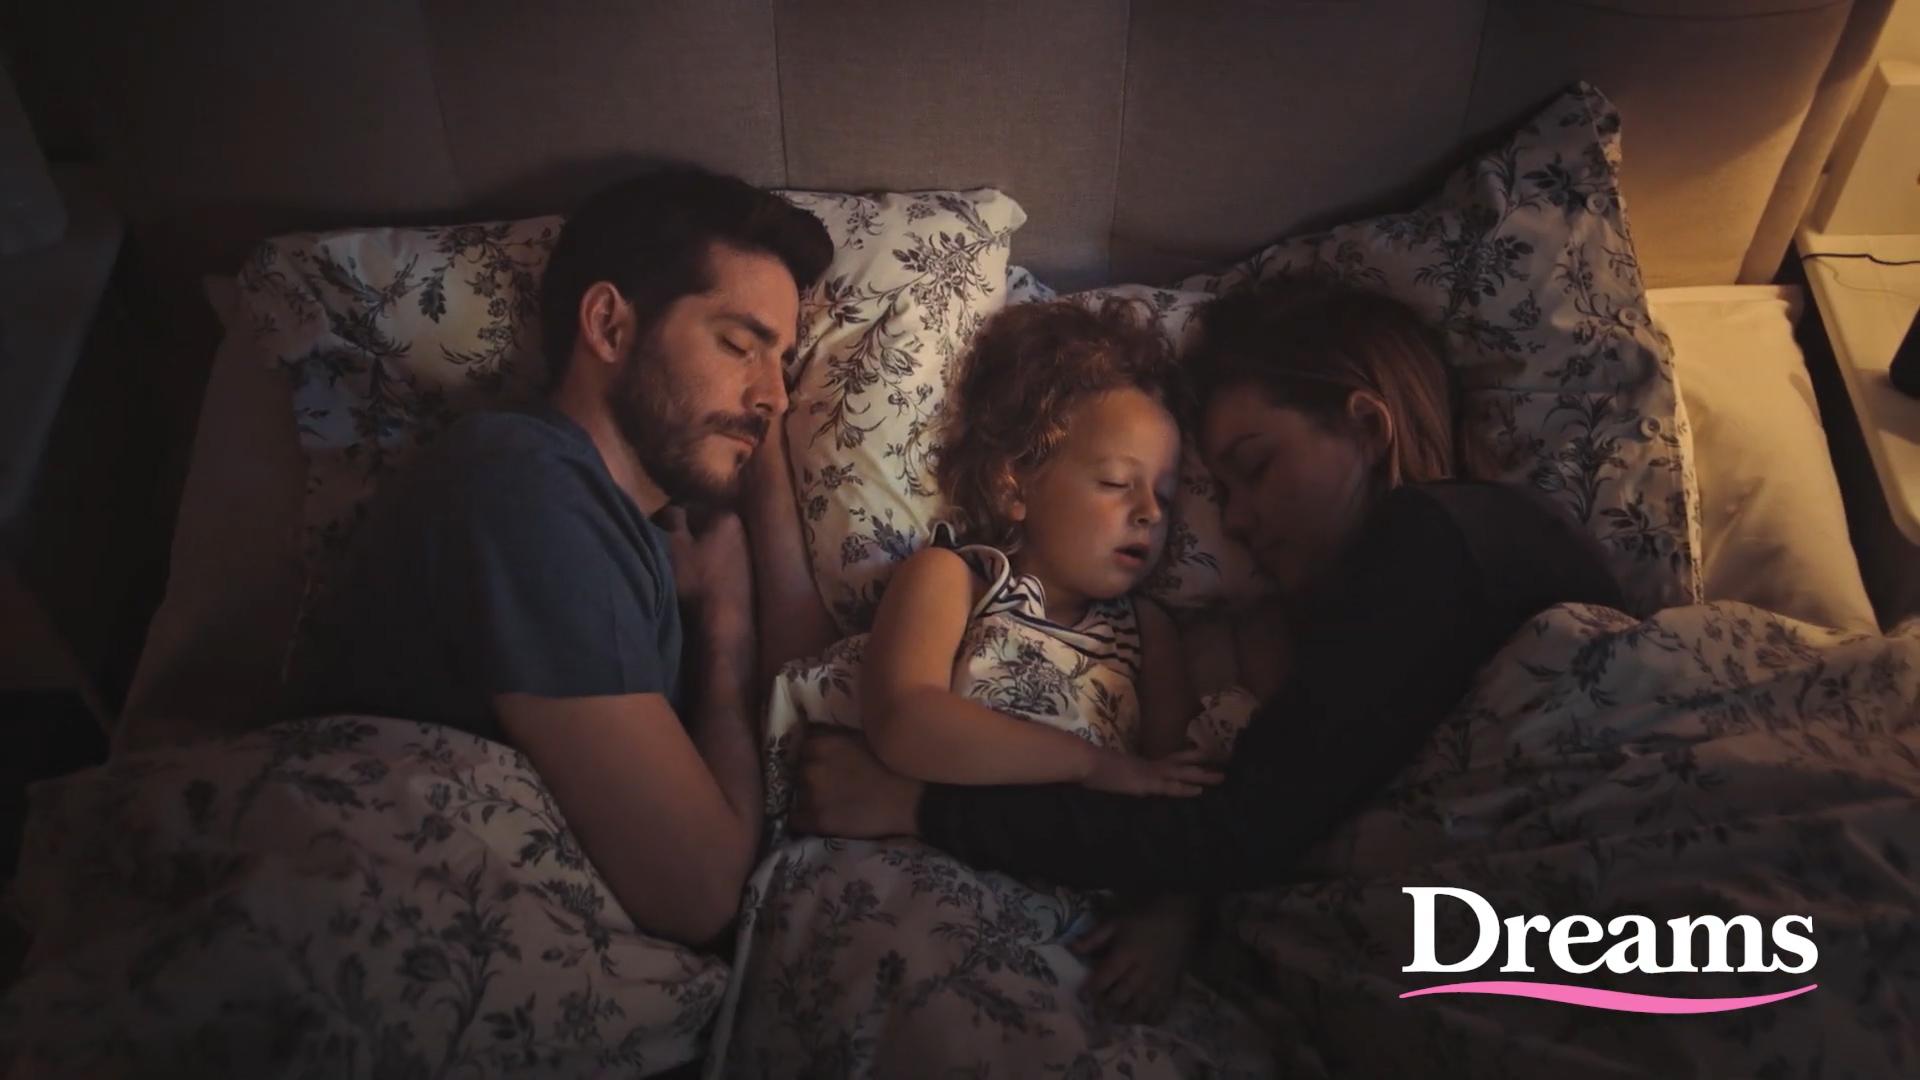 A Million Dreams - Dreams Beds